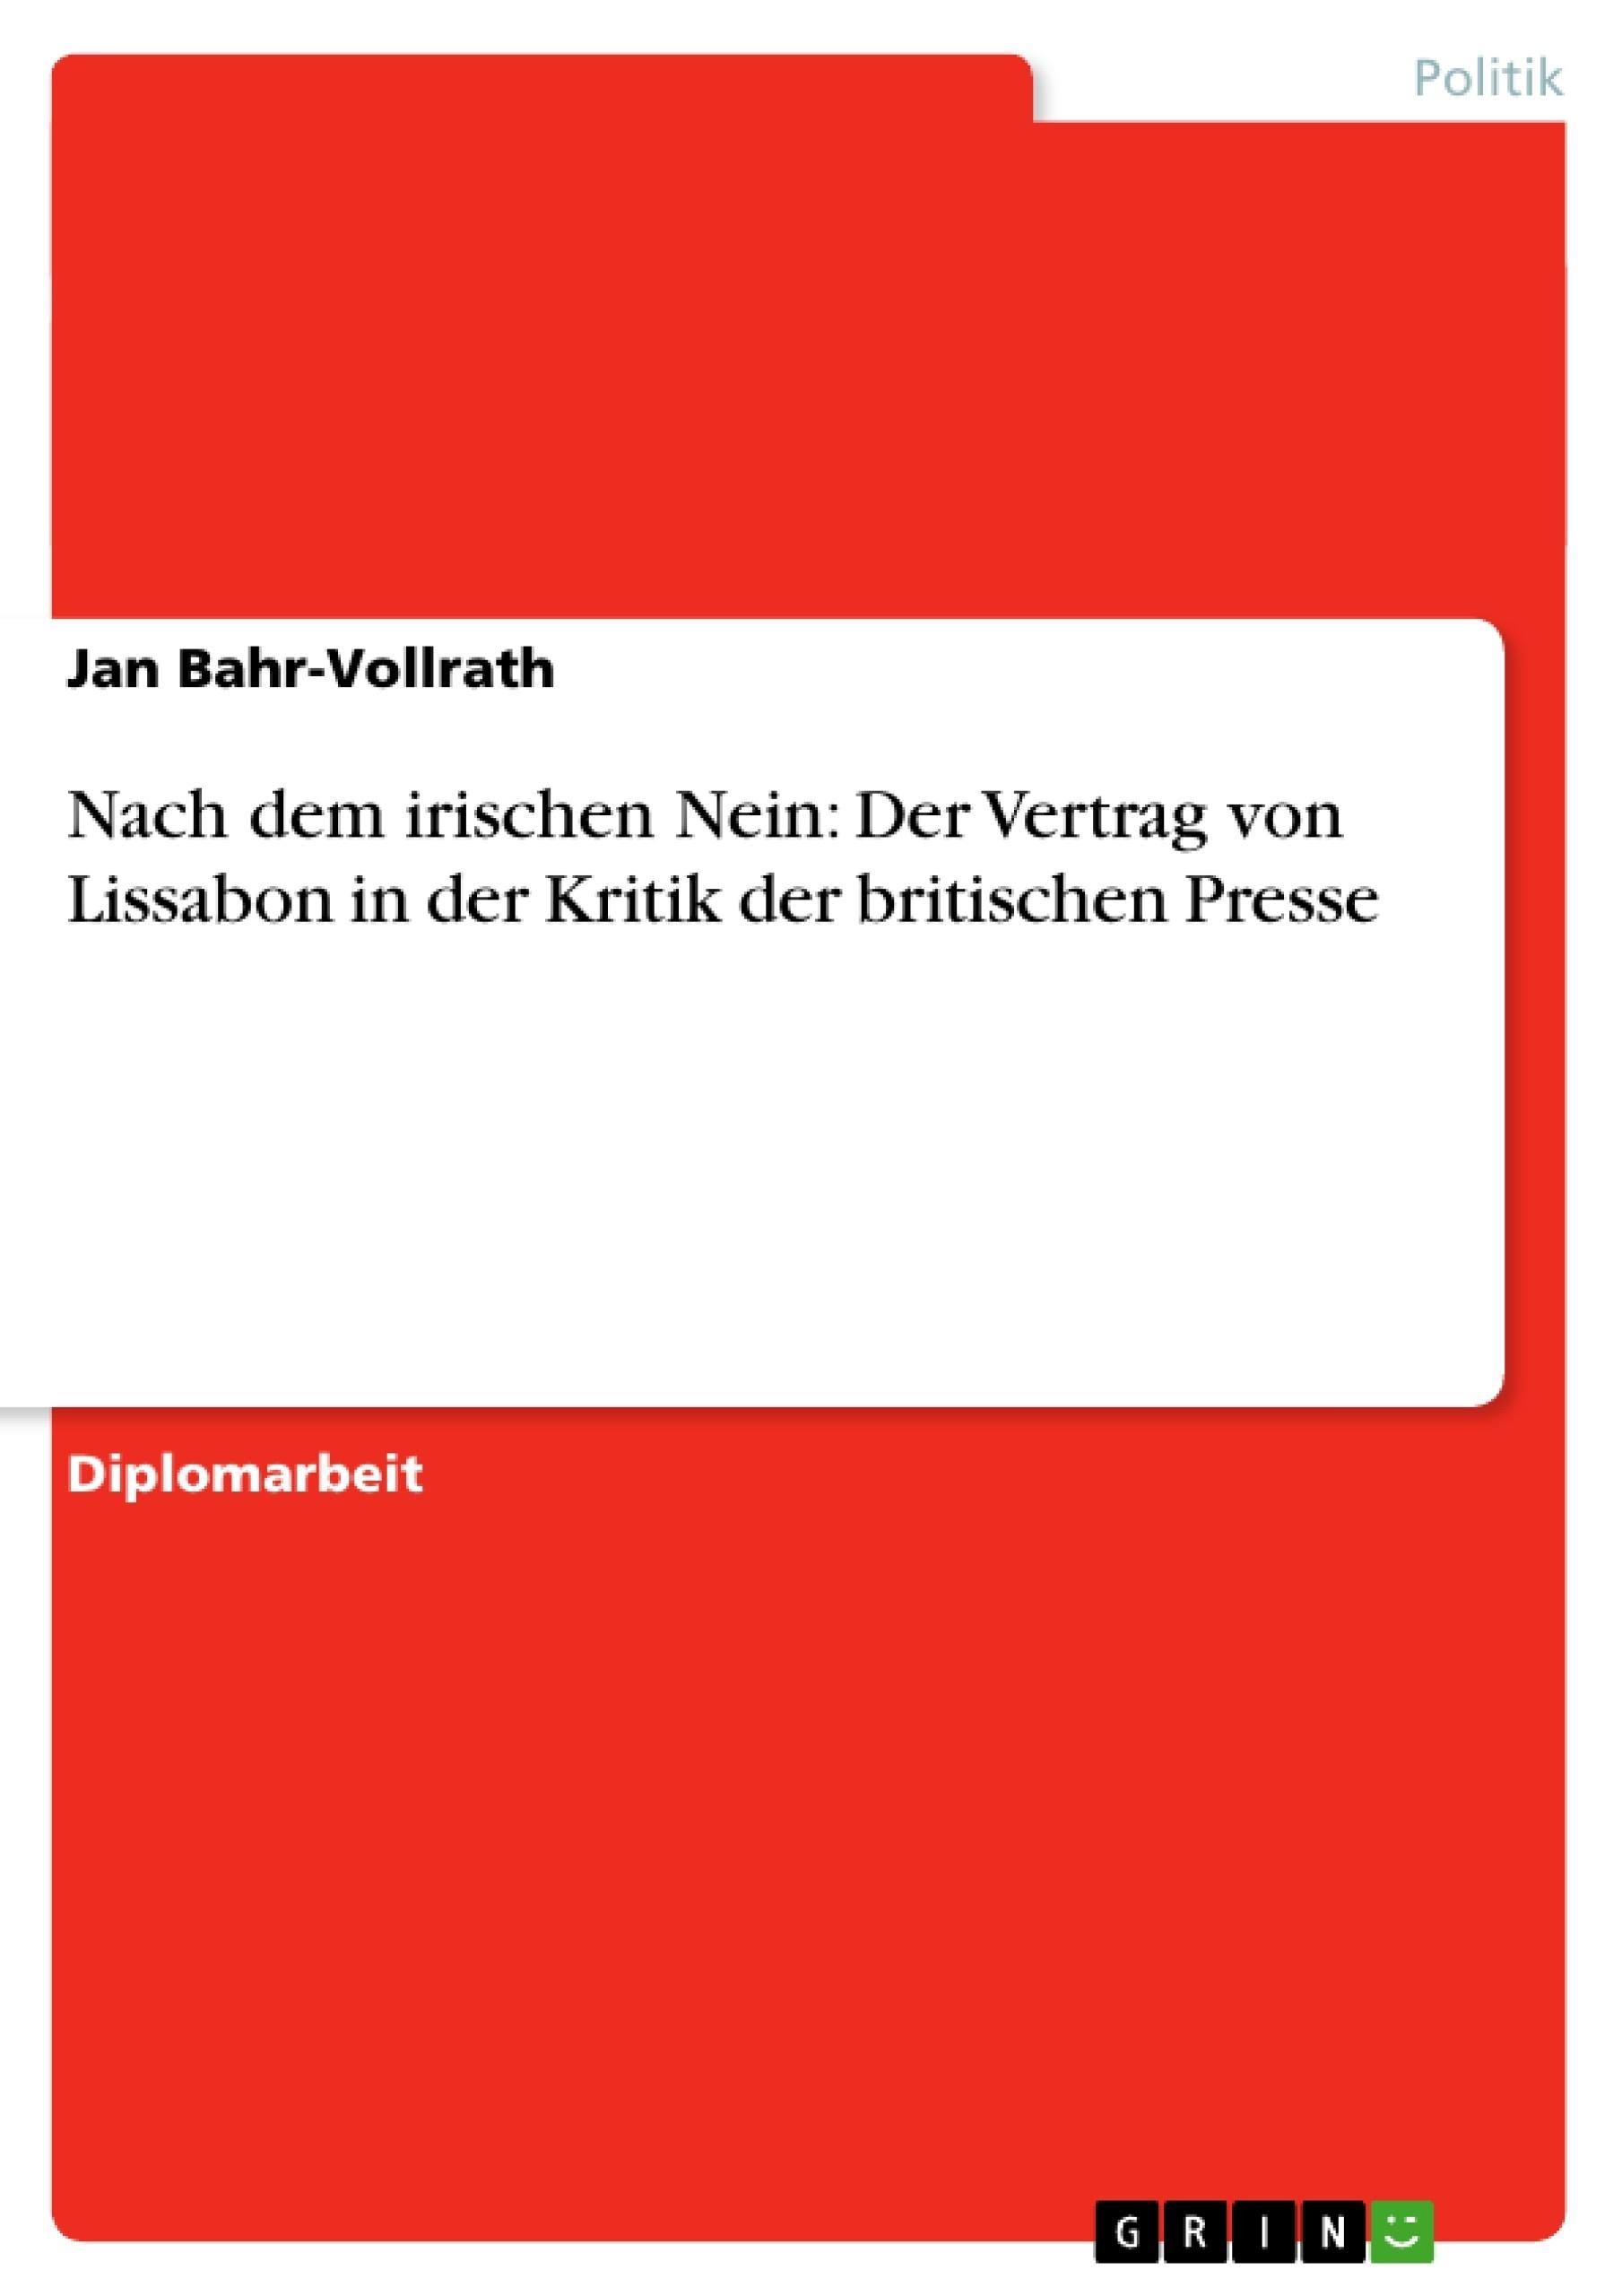 Titel: Nach dem irischen Nein: Der Vertrag von Lissabon in der Kritik der britischen Presse